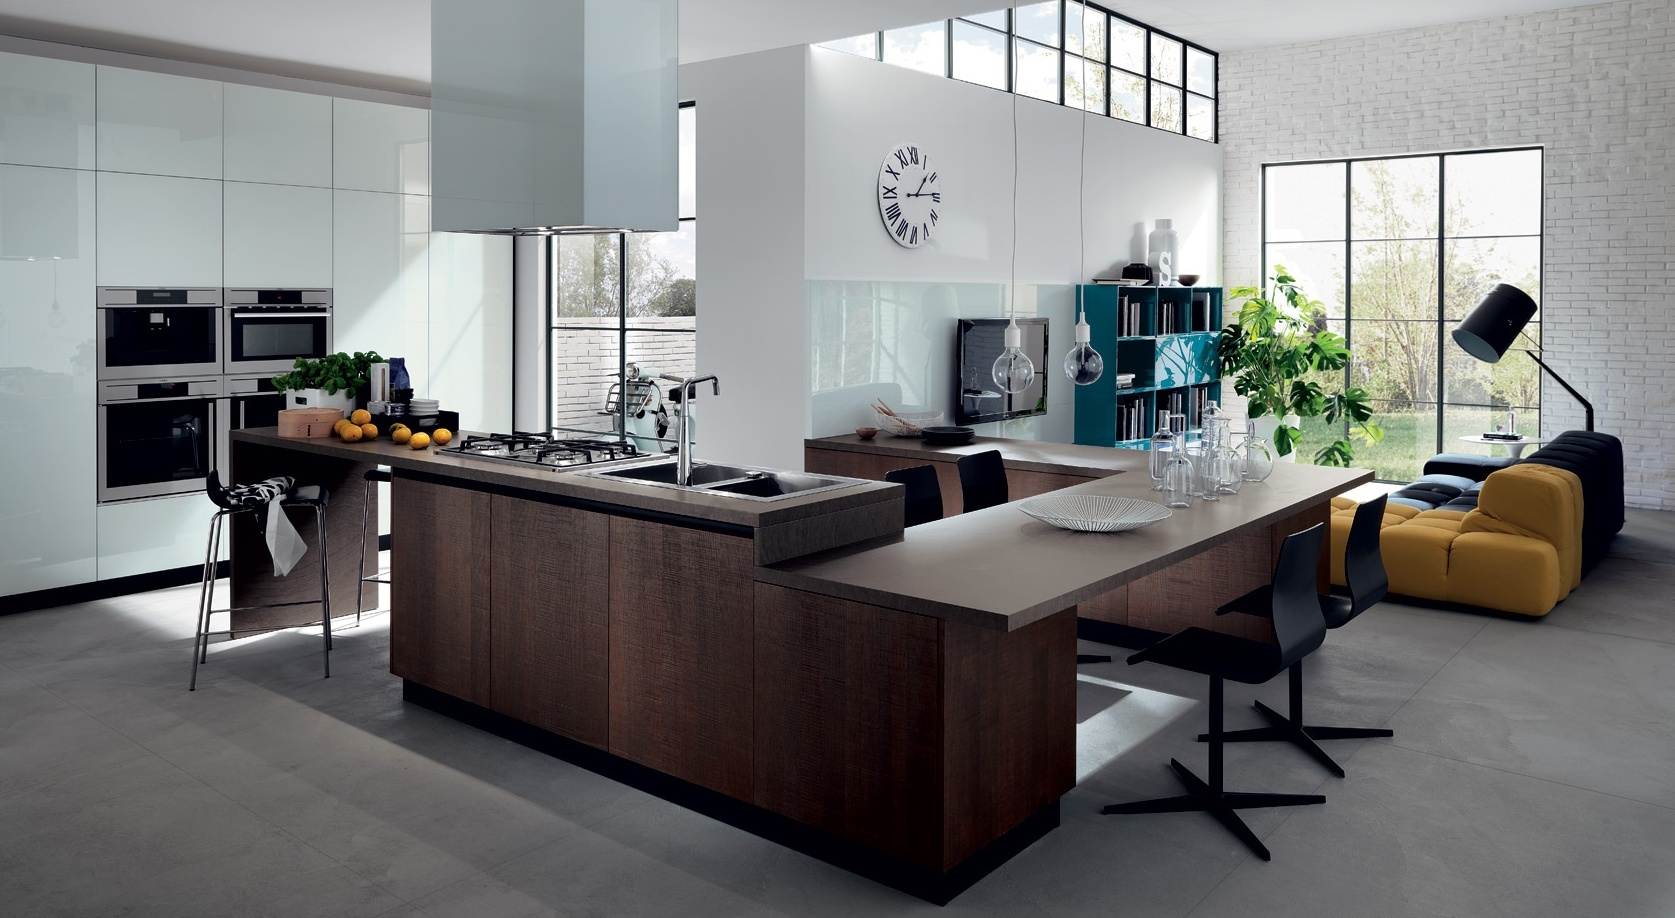 Восхитительный современный дизайн кухни от Scavolini в минималистском стиле